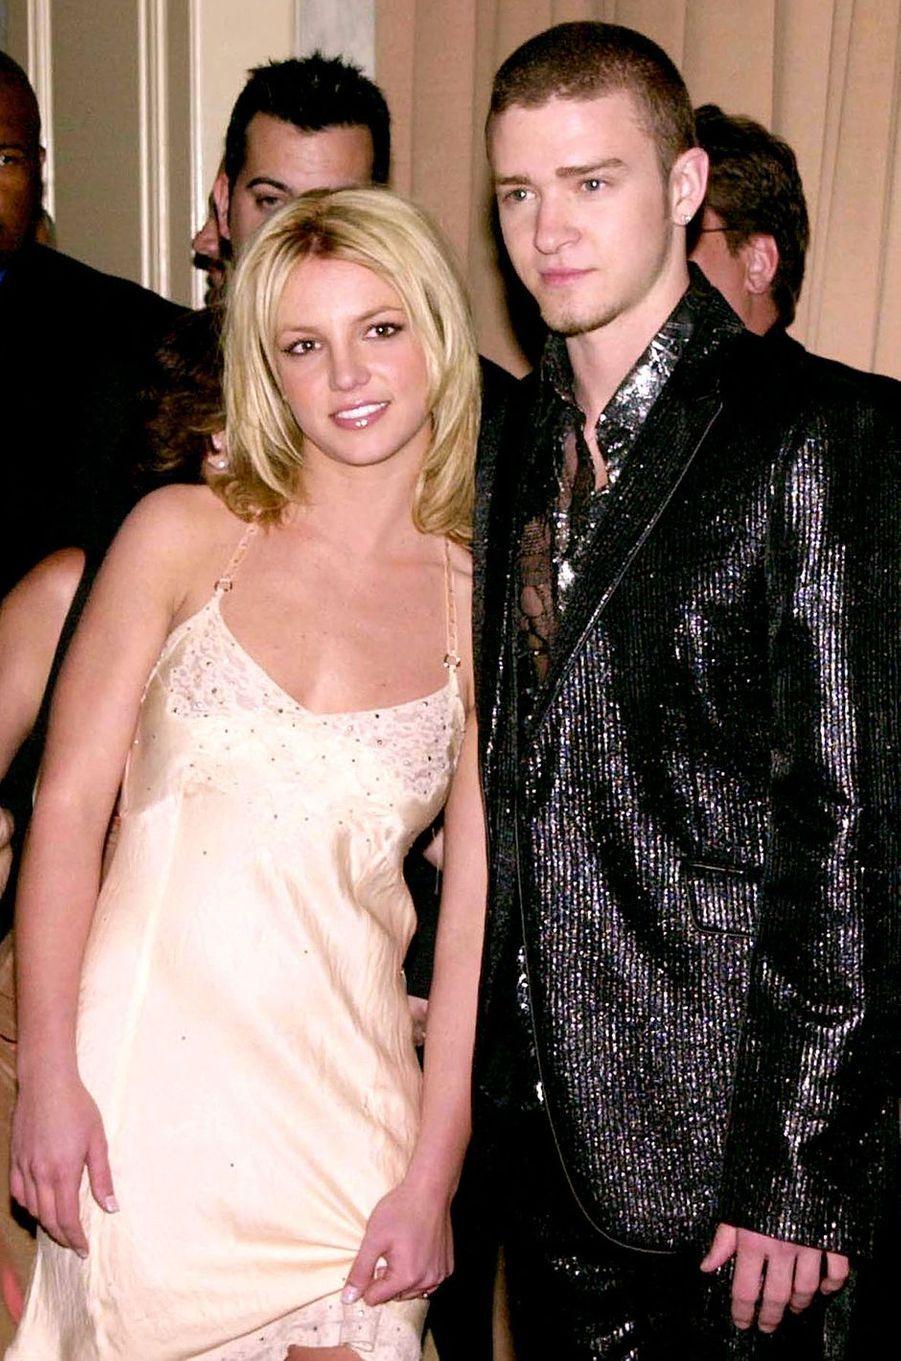 Britney Spears et Justin Timberlake lors d'une soirée à Los Angeles en avril 2001